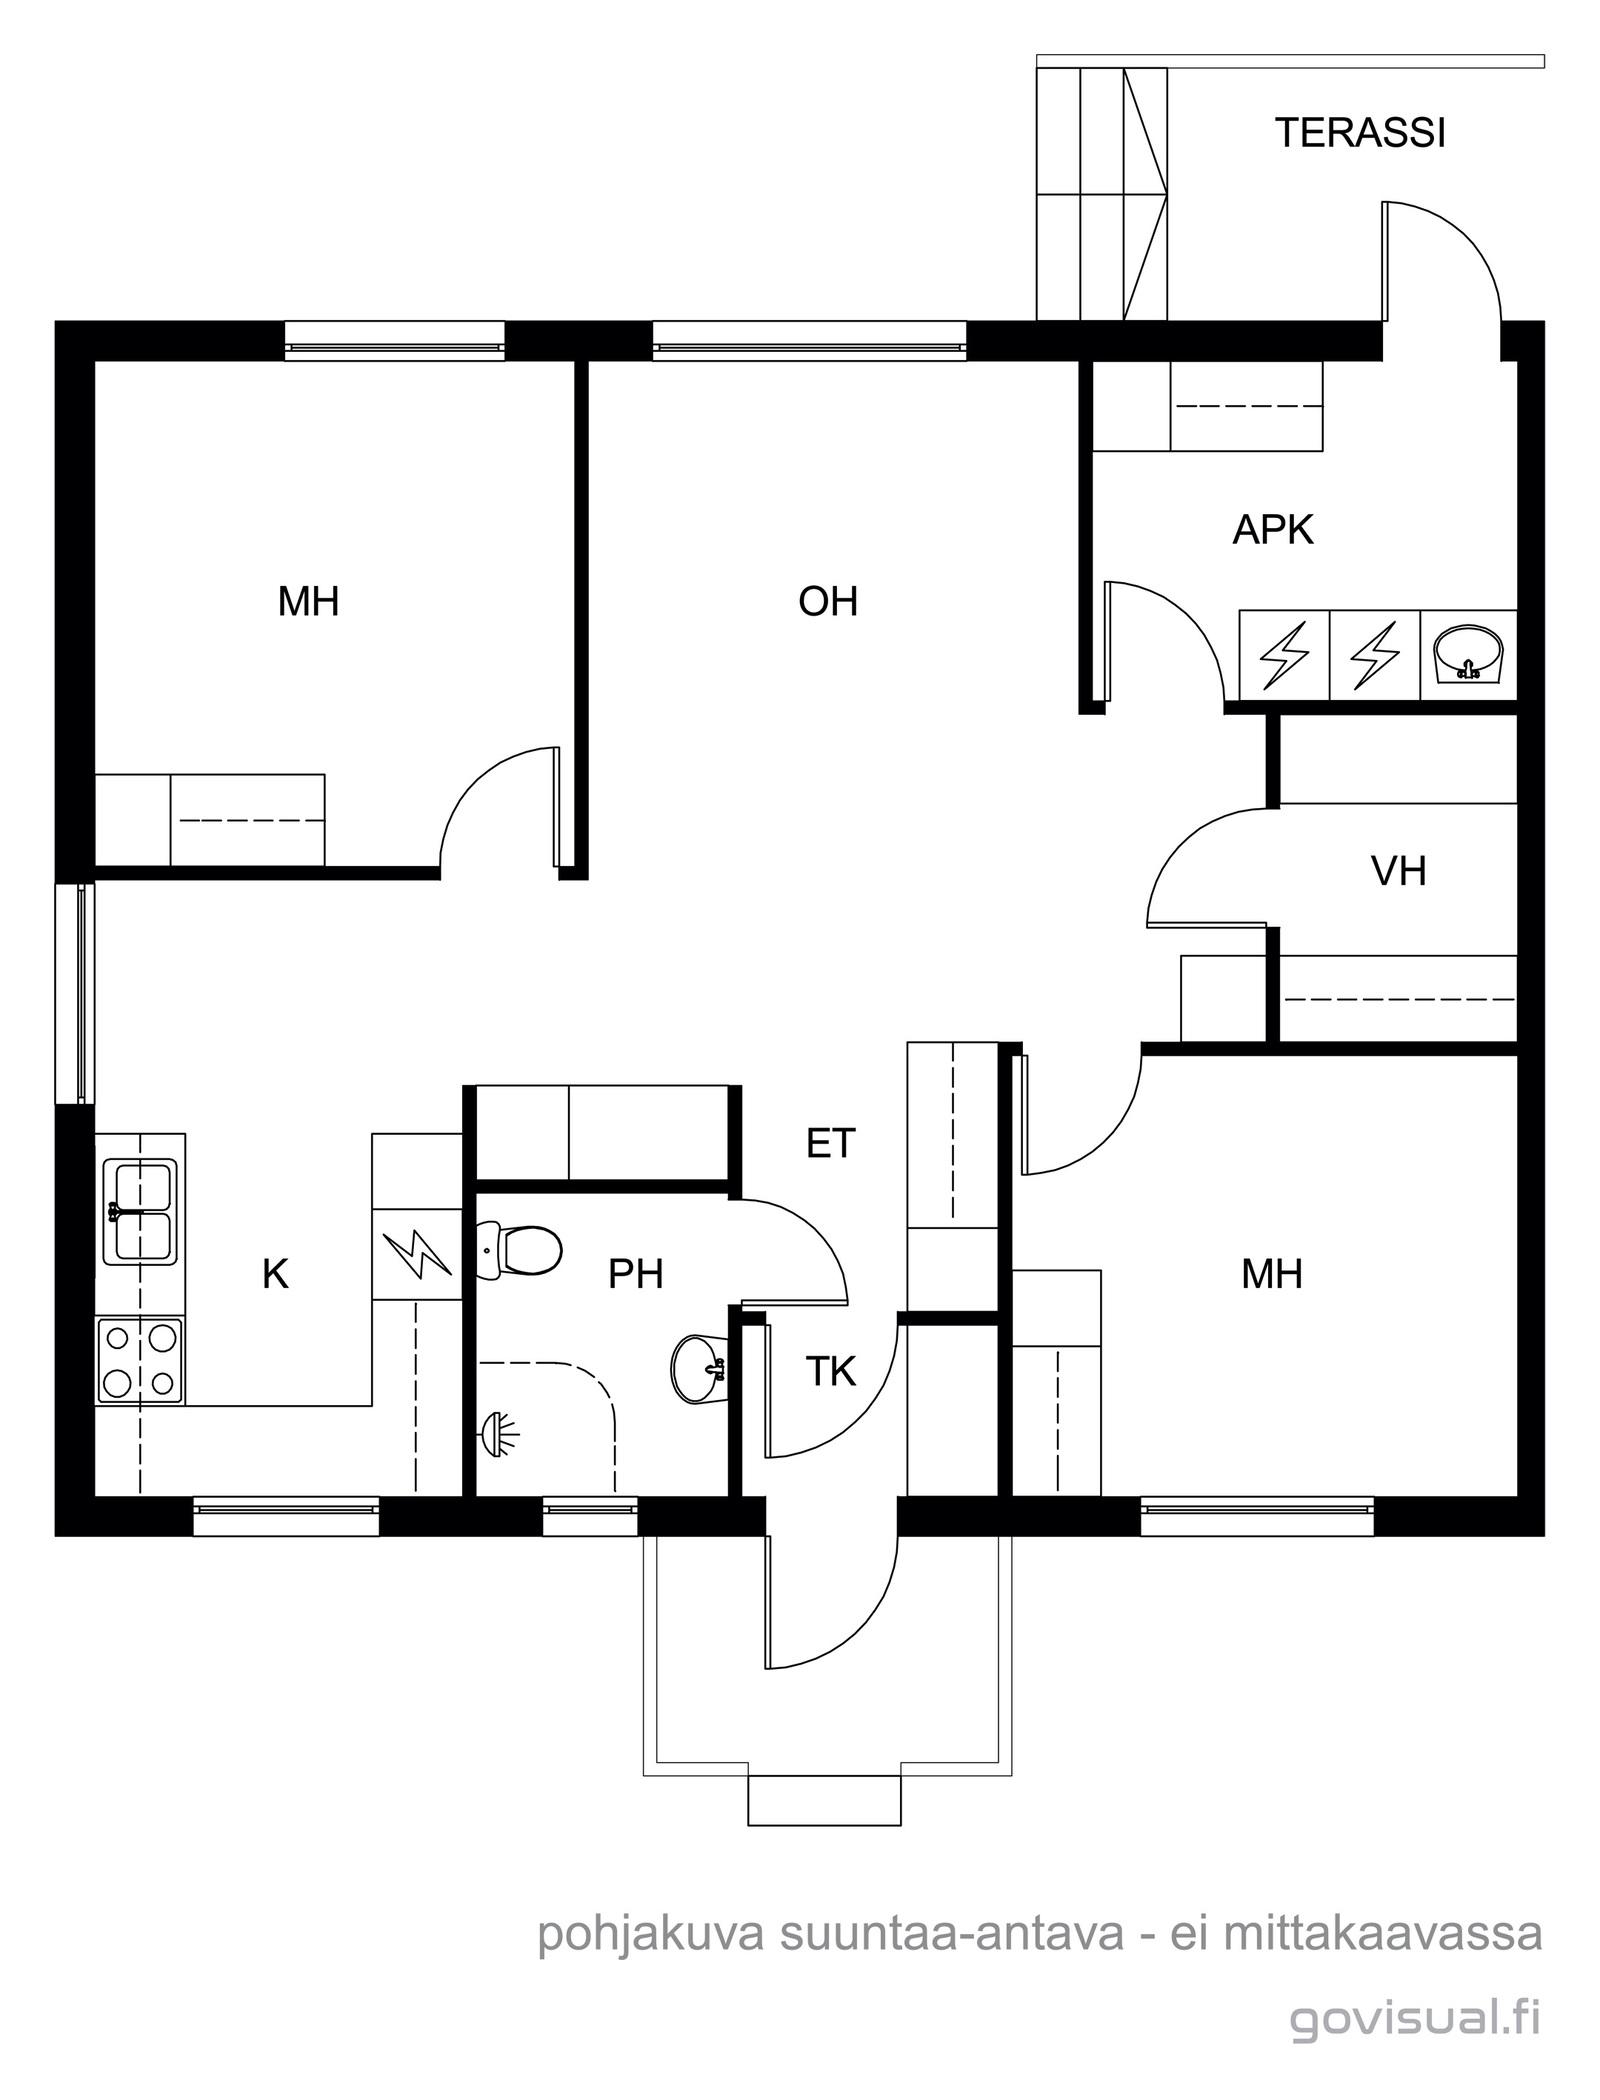 asunto 2, 69,5 m2